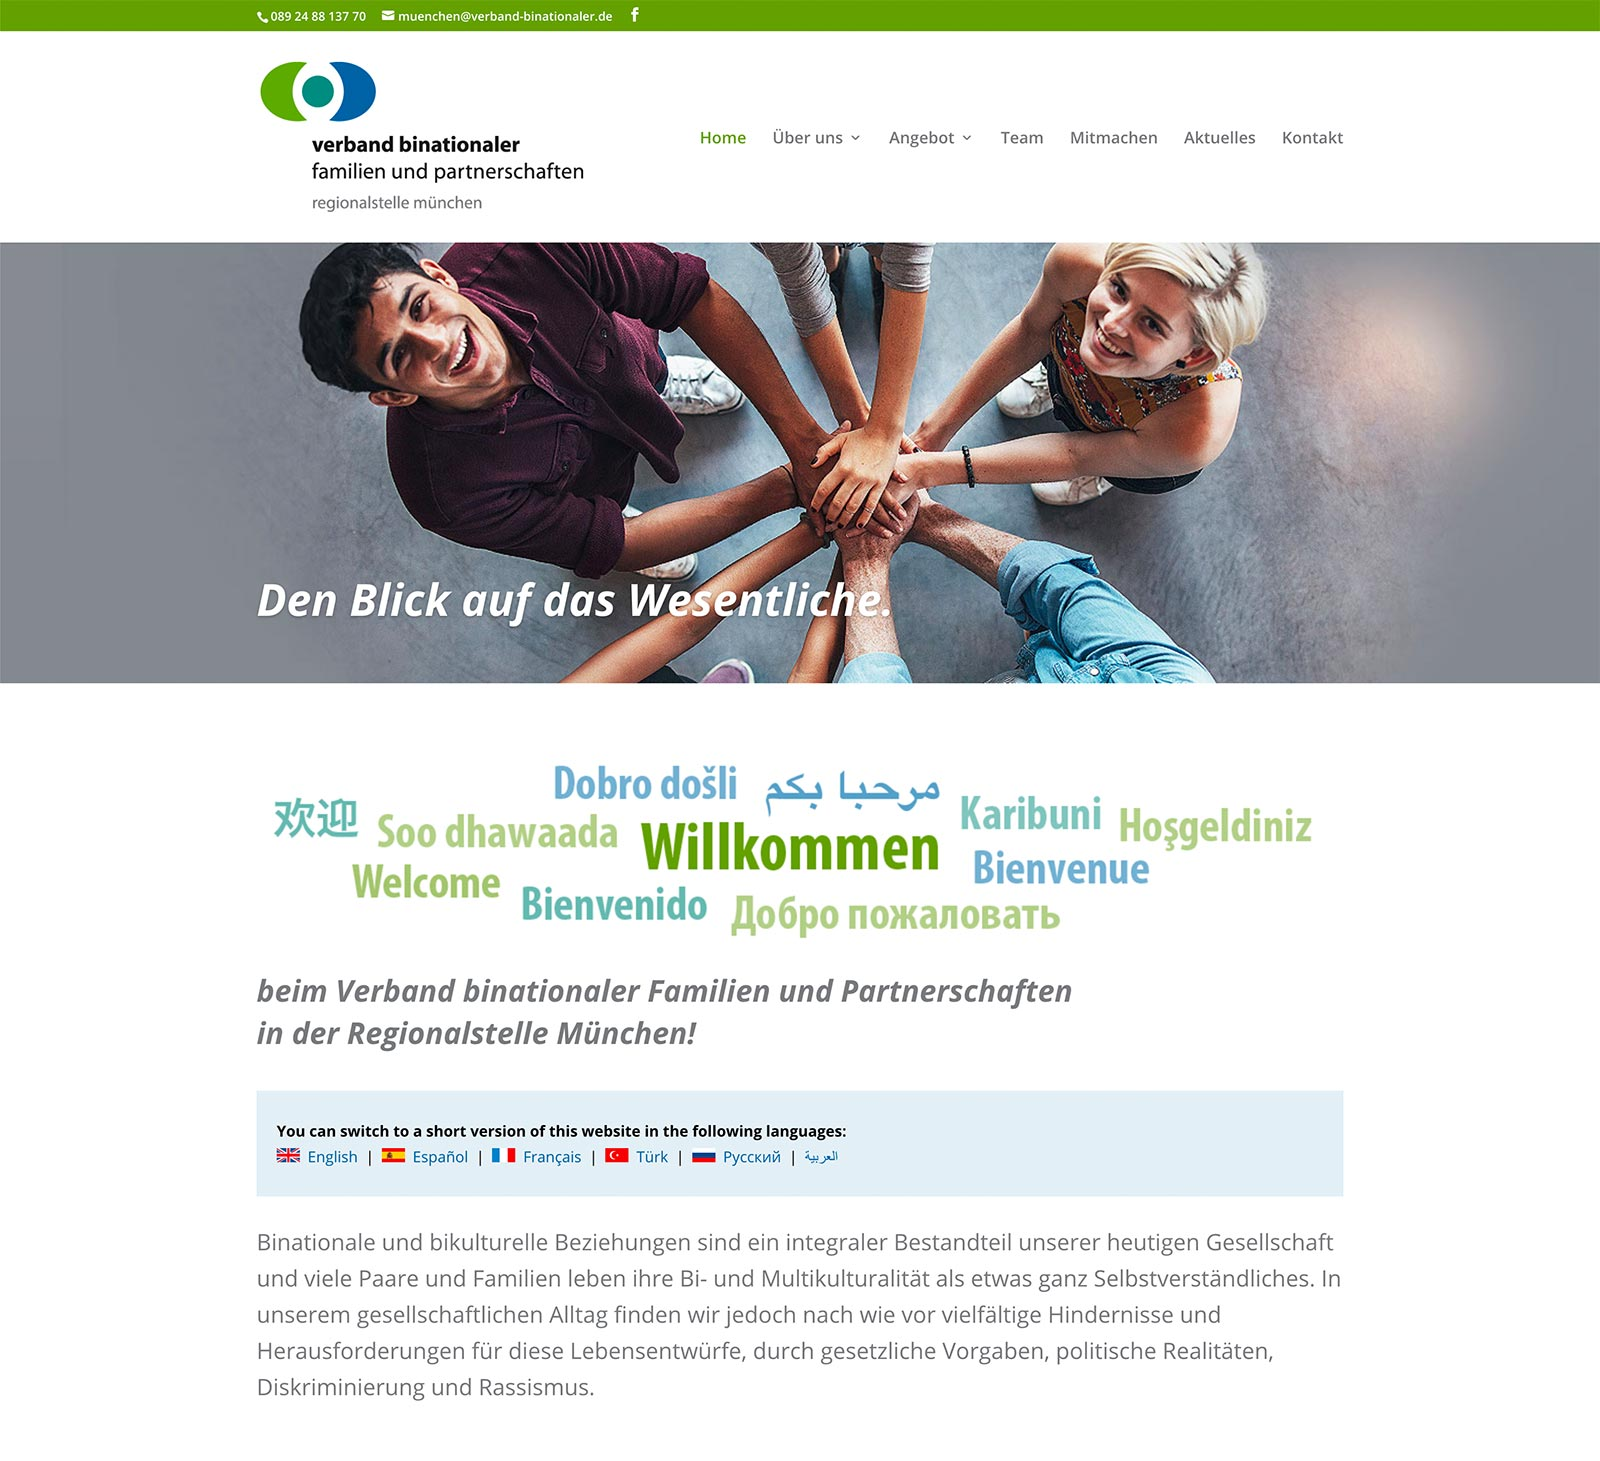 Verband binationaler Familien und Partnerschaften: Website